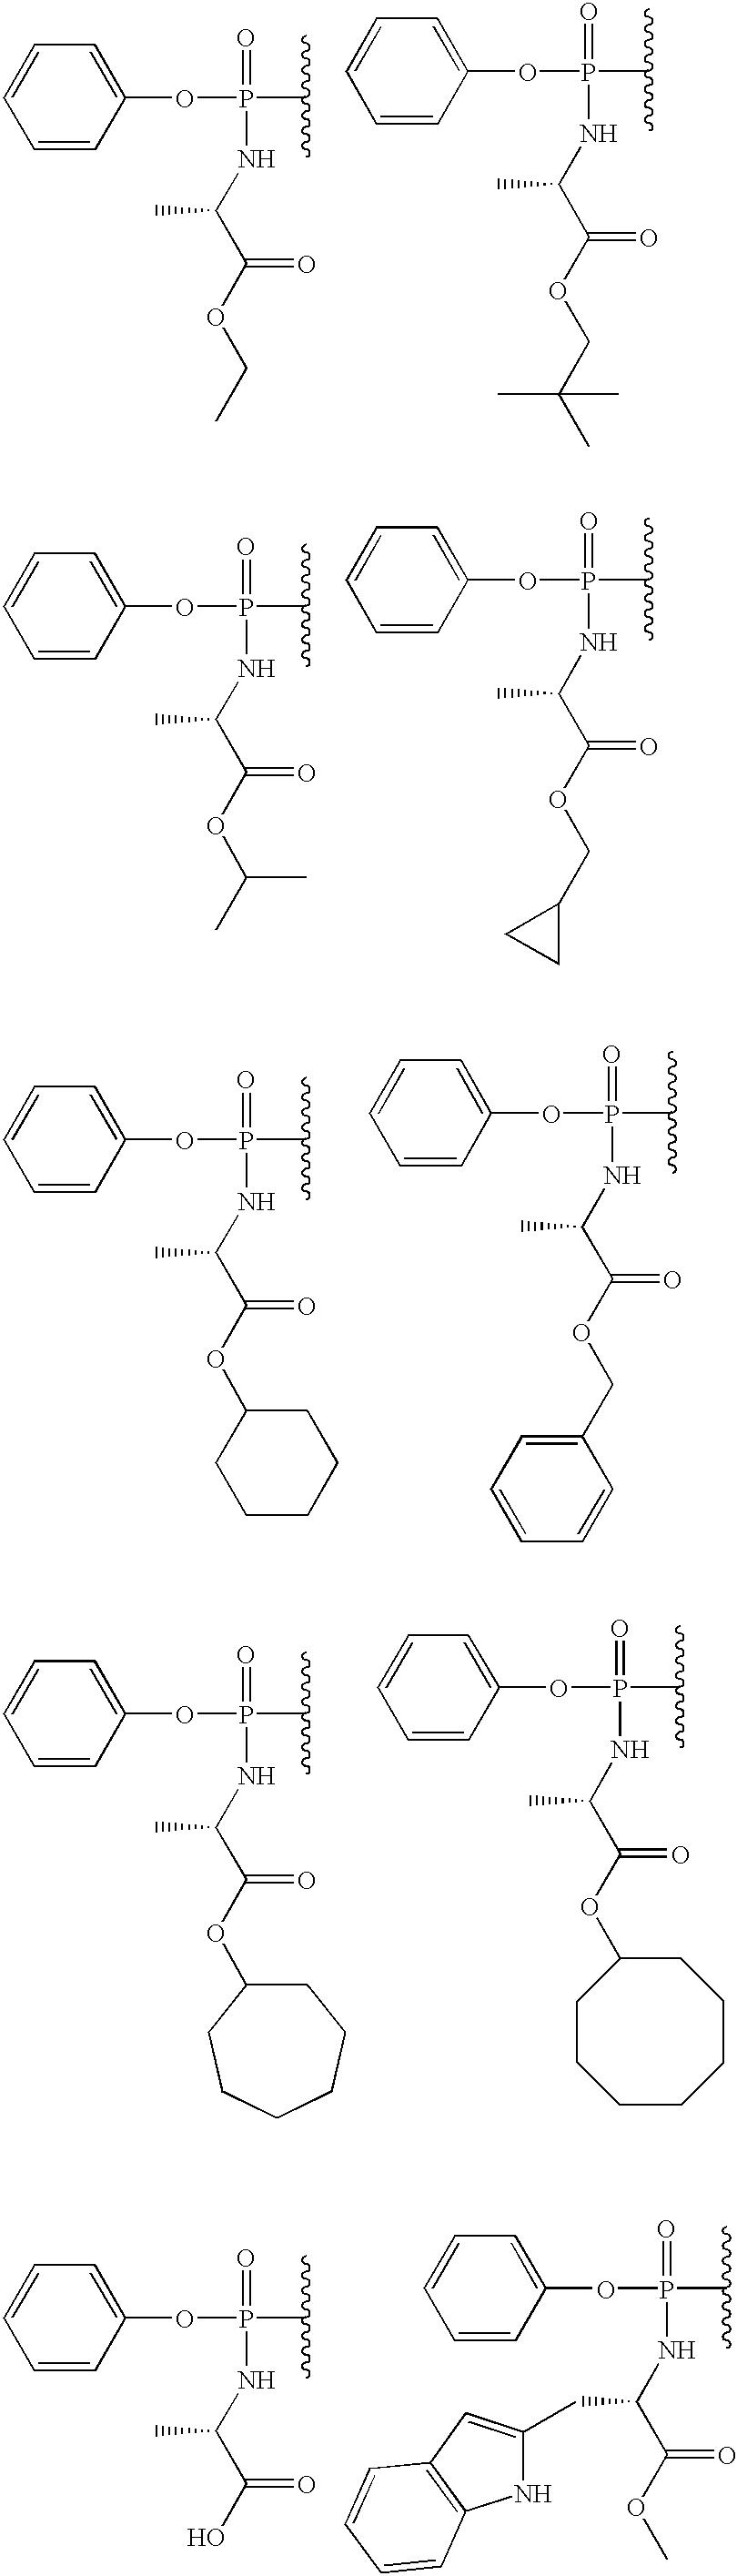 Figure US20030109697A1-20030612-C00019